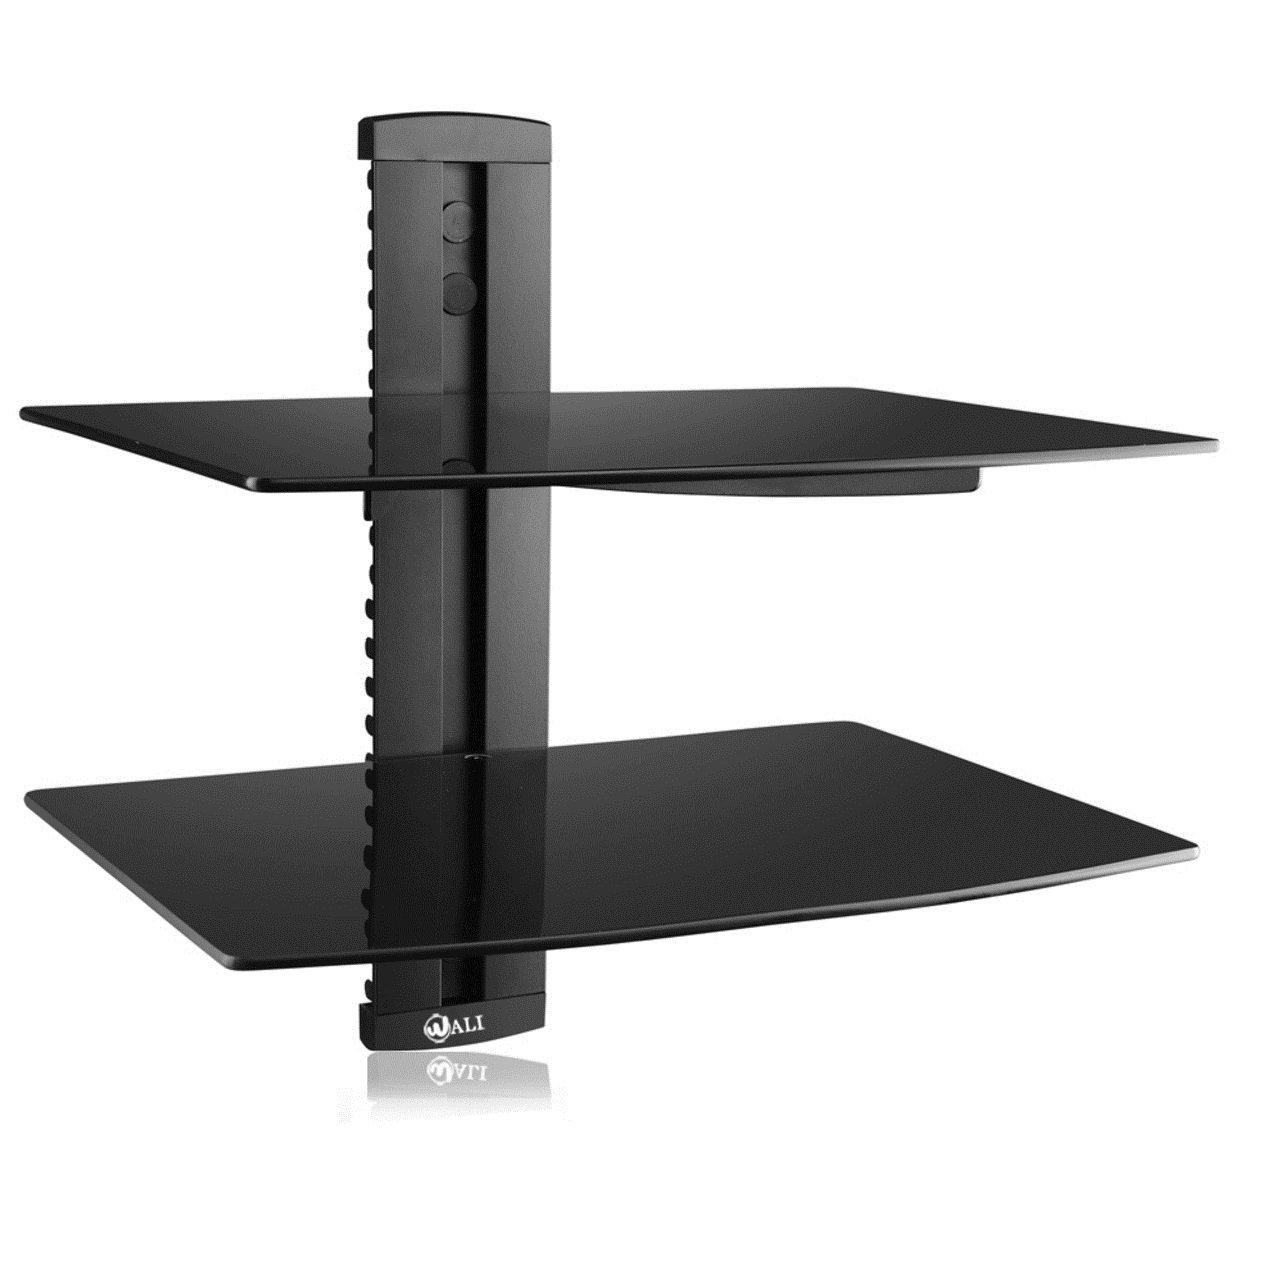 Black 2 Tier Tempered Glass Adjustable Floating Shelves Tv